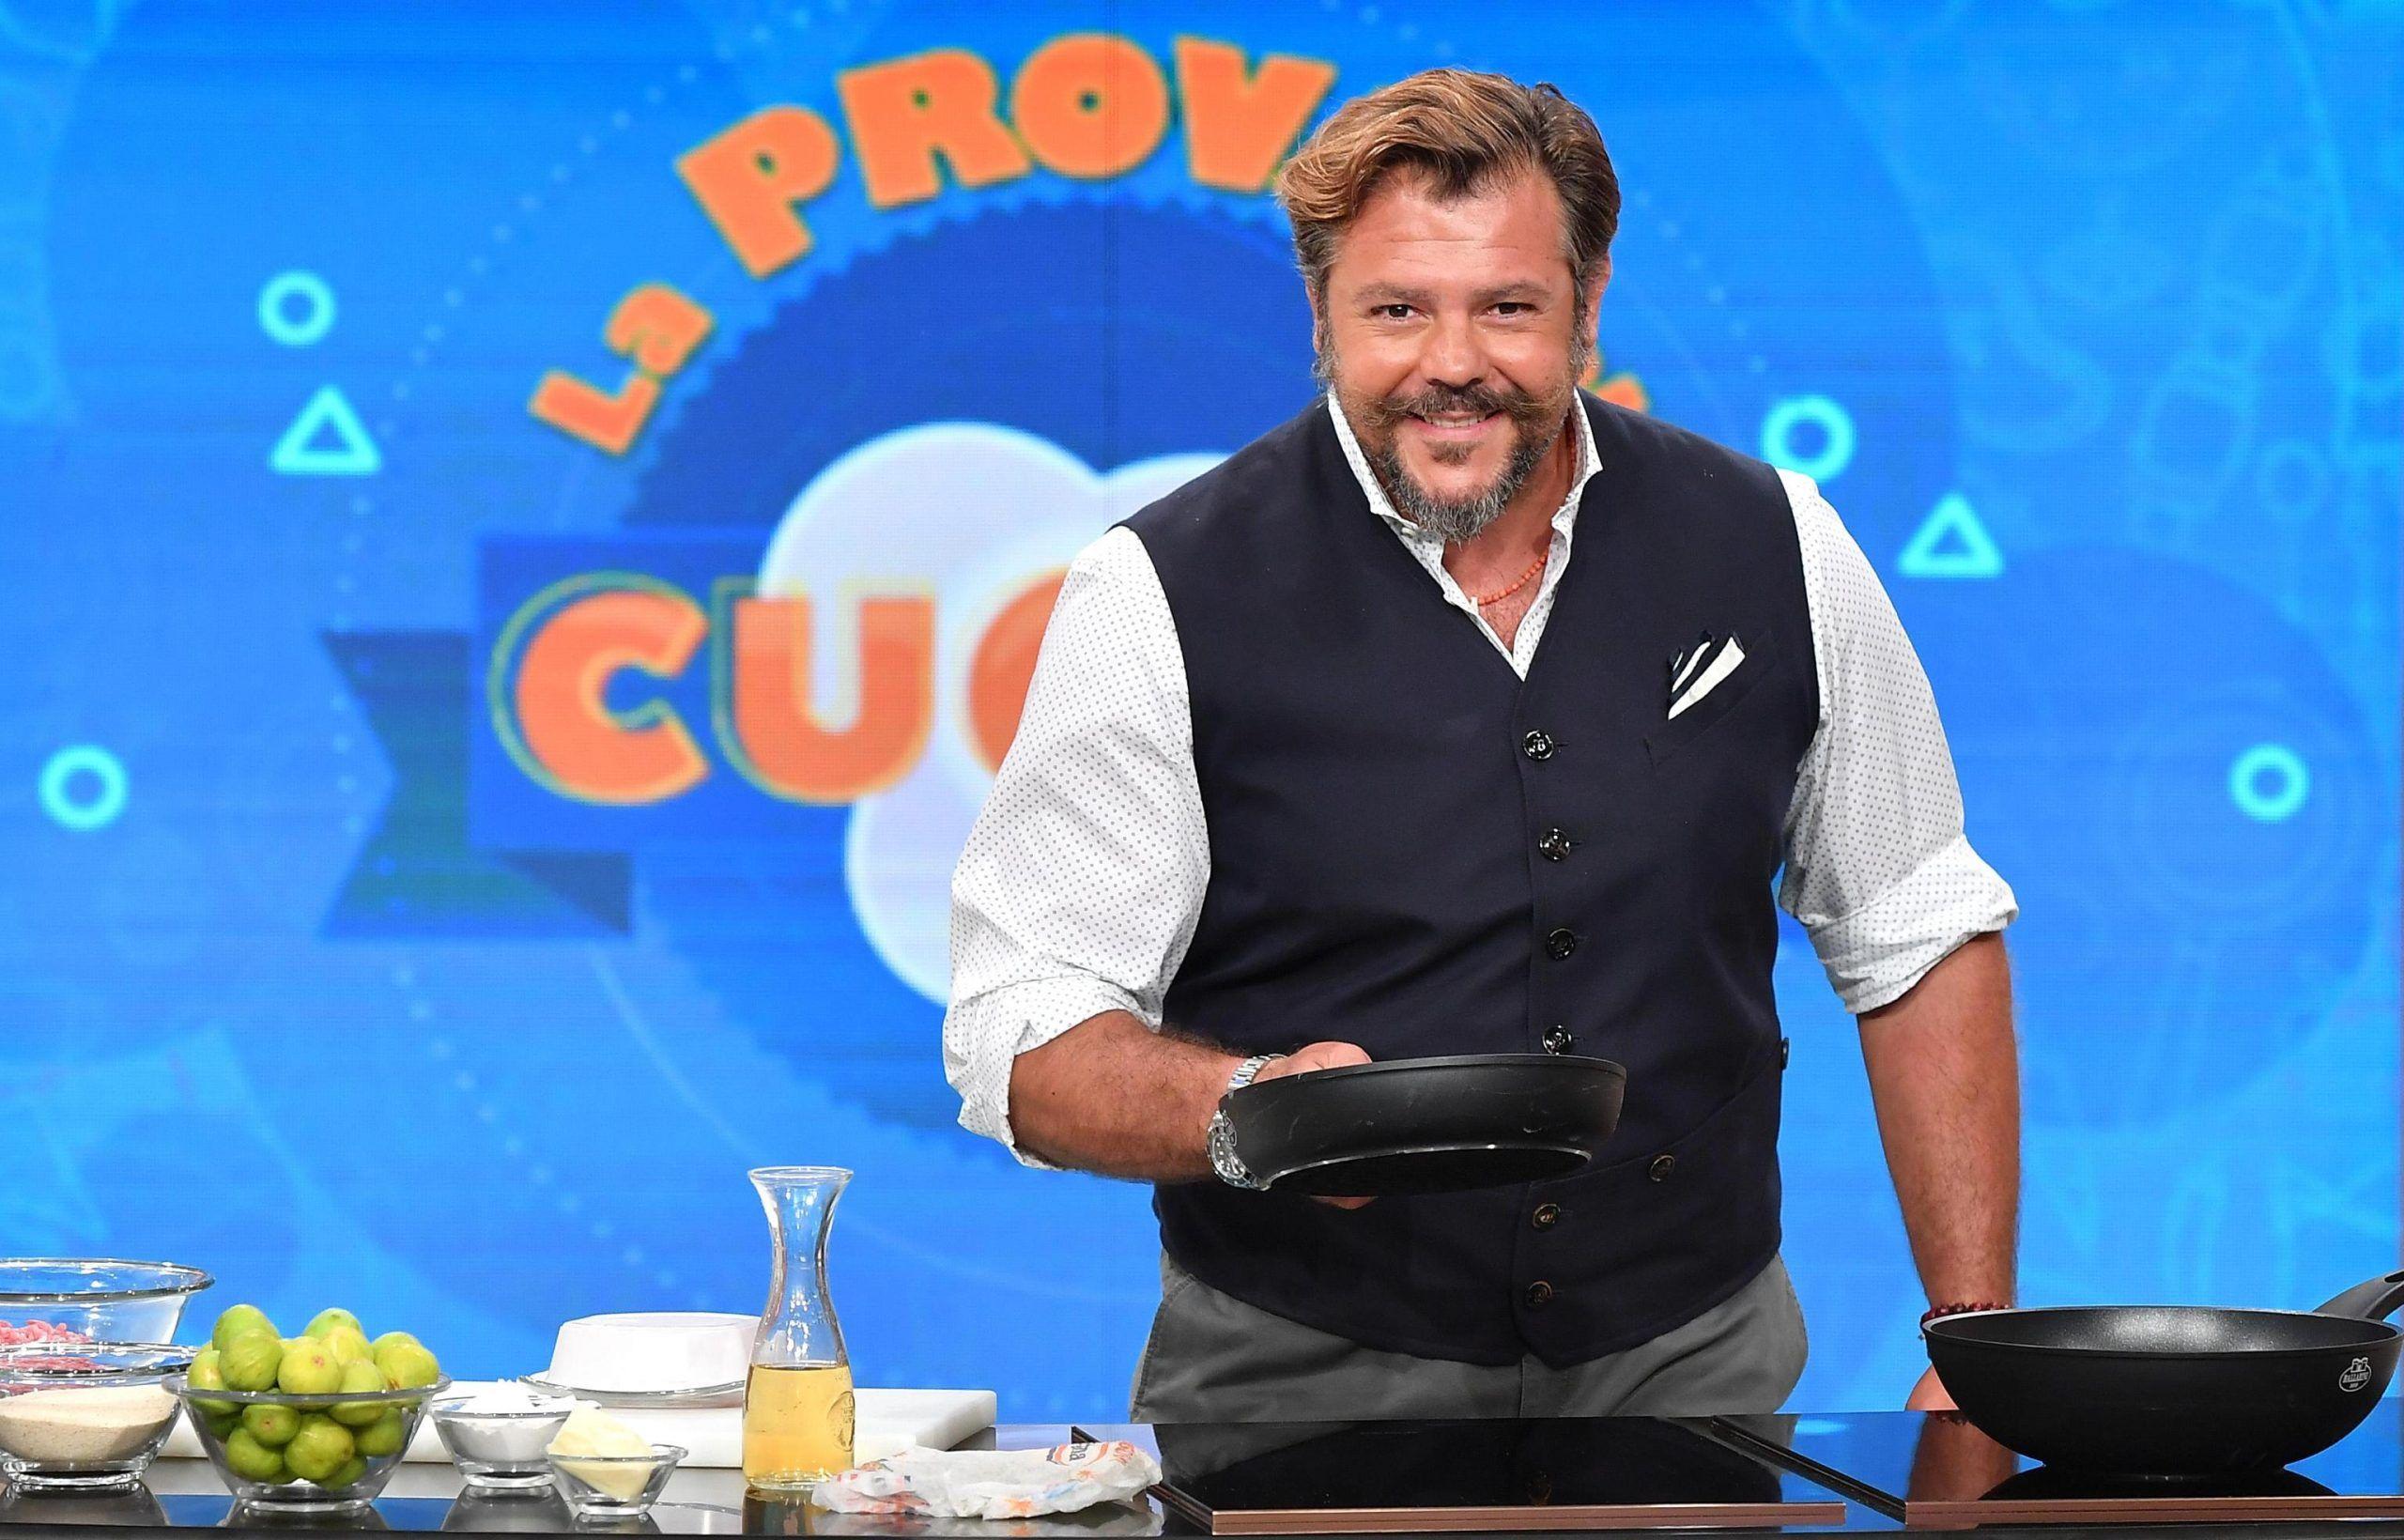 Andrea Lo Cicero fuori da La Prova del cuoco? Il messaggio sui social dell'ex rugbista